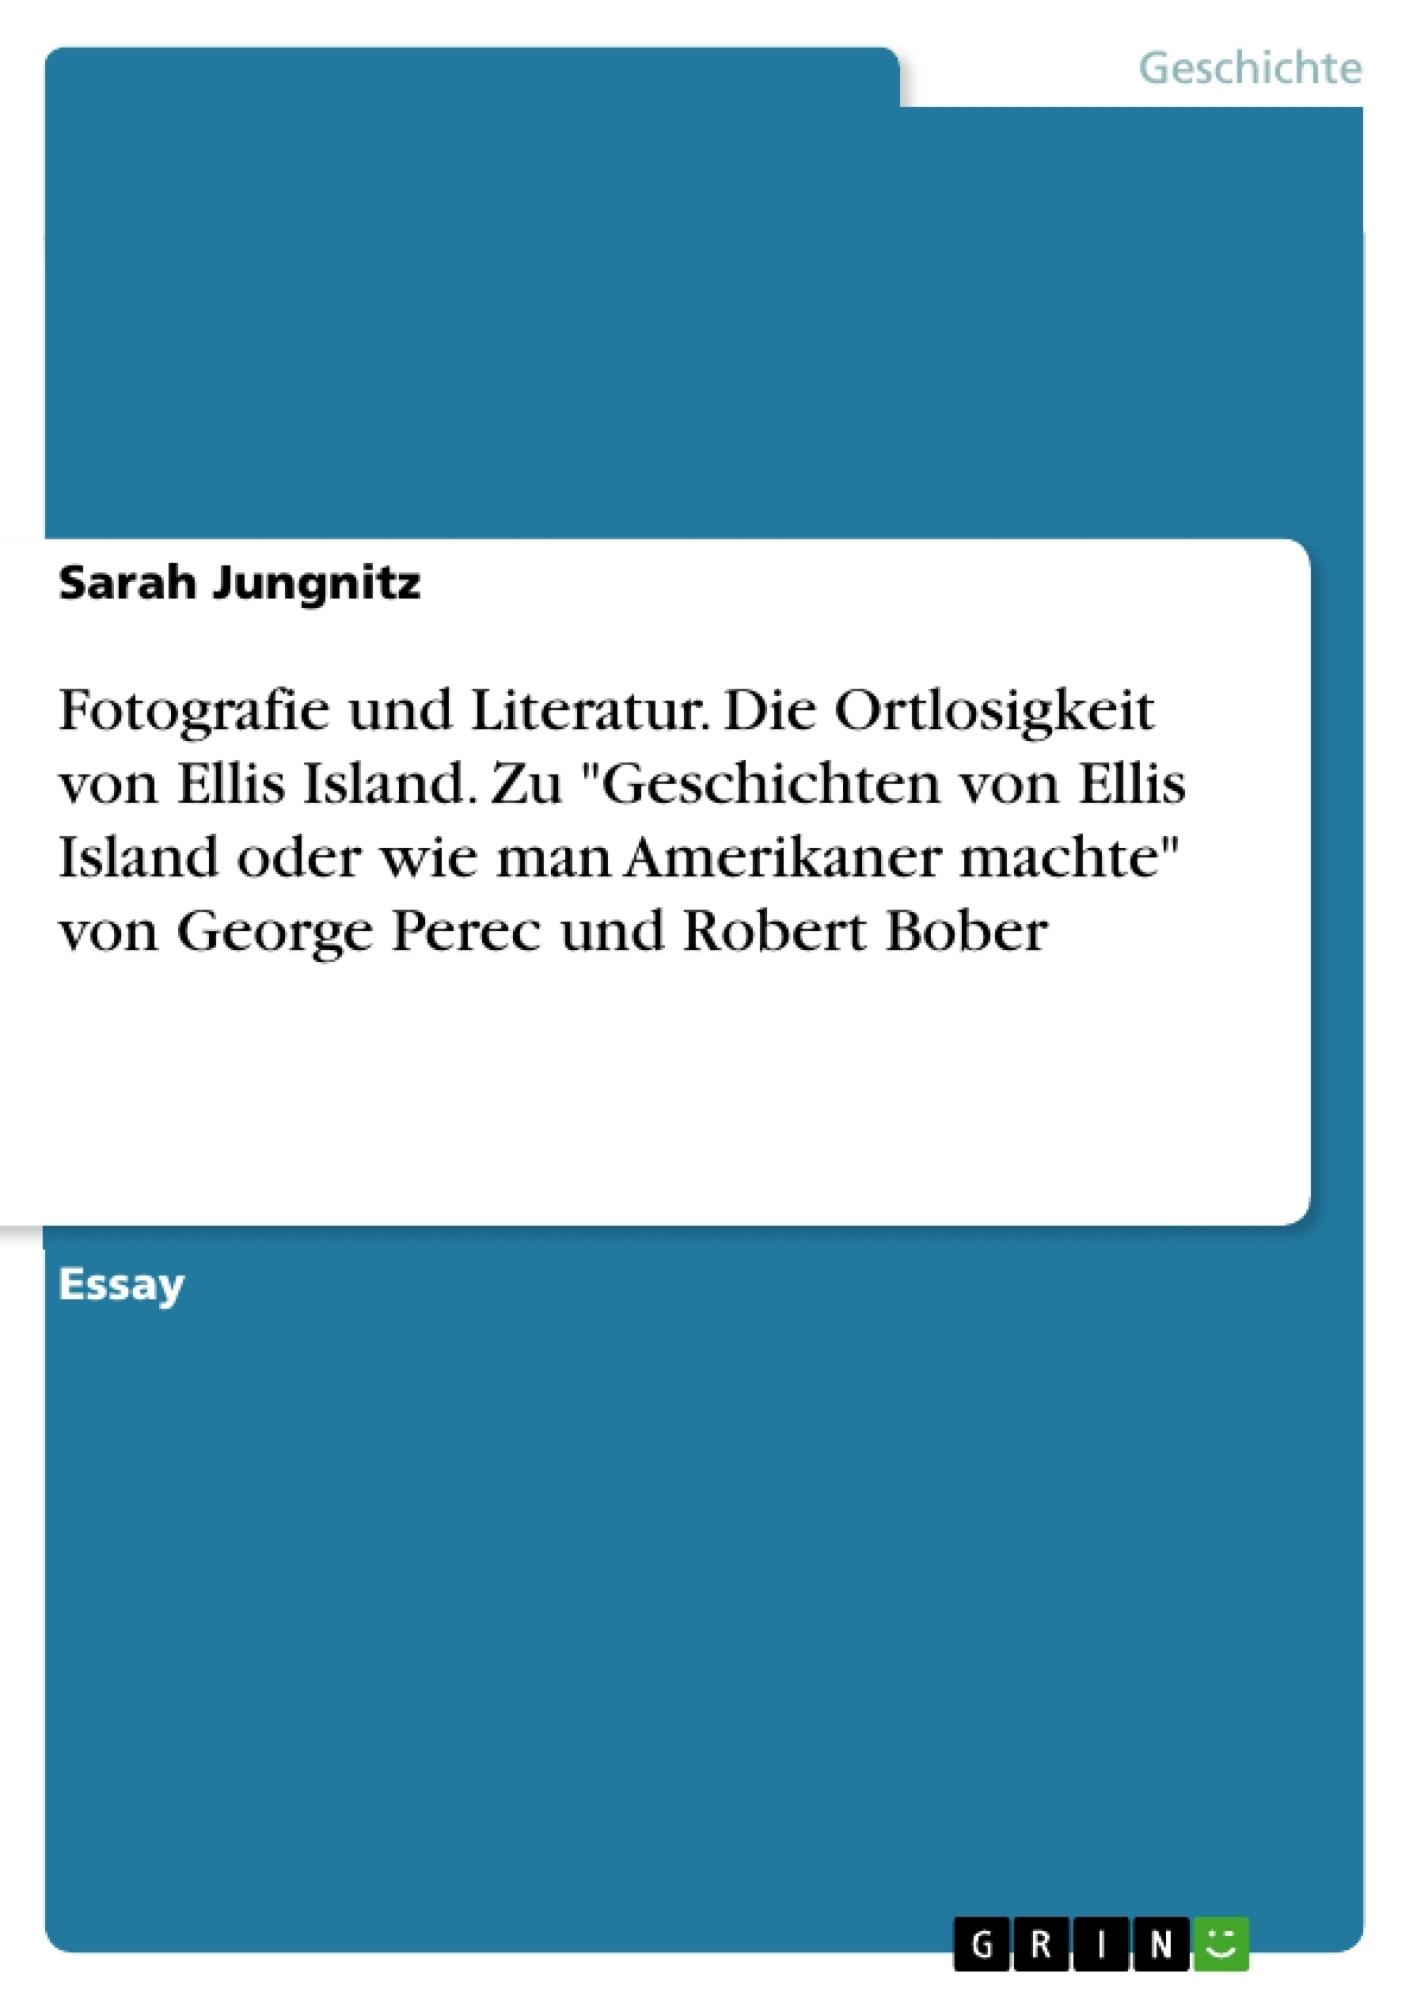 """Titel: Fotografie und Literatur. Die Ortlosigkeit von Ellis Island. Zu """"Geschichten von Ellis Island oder wie man Amerikaner machte"""" von George Perec und Robert Bober"""